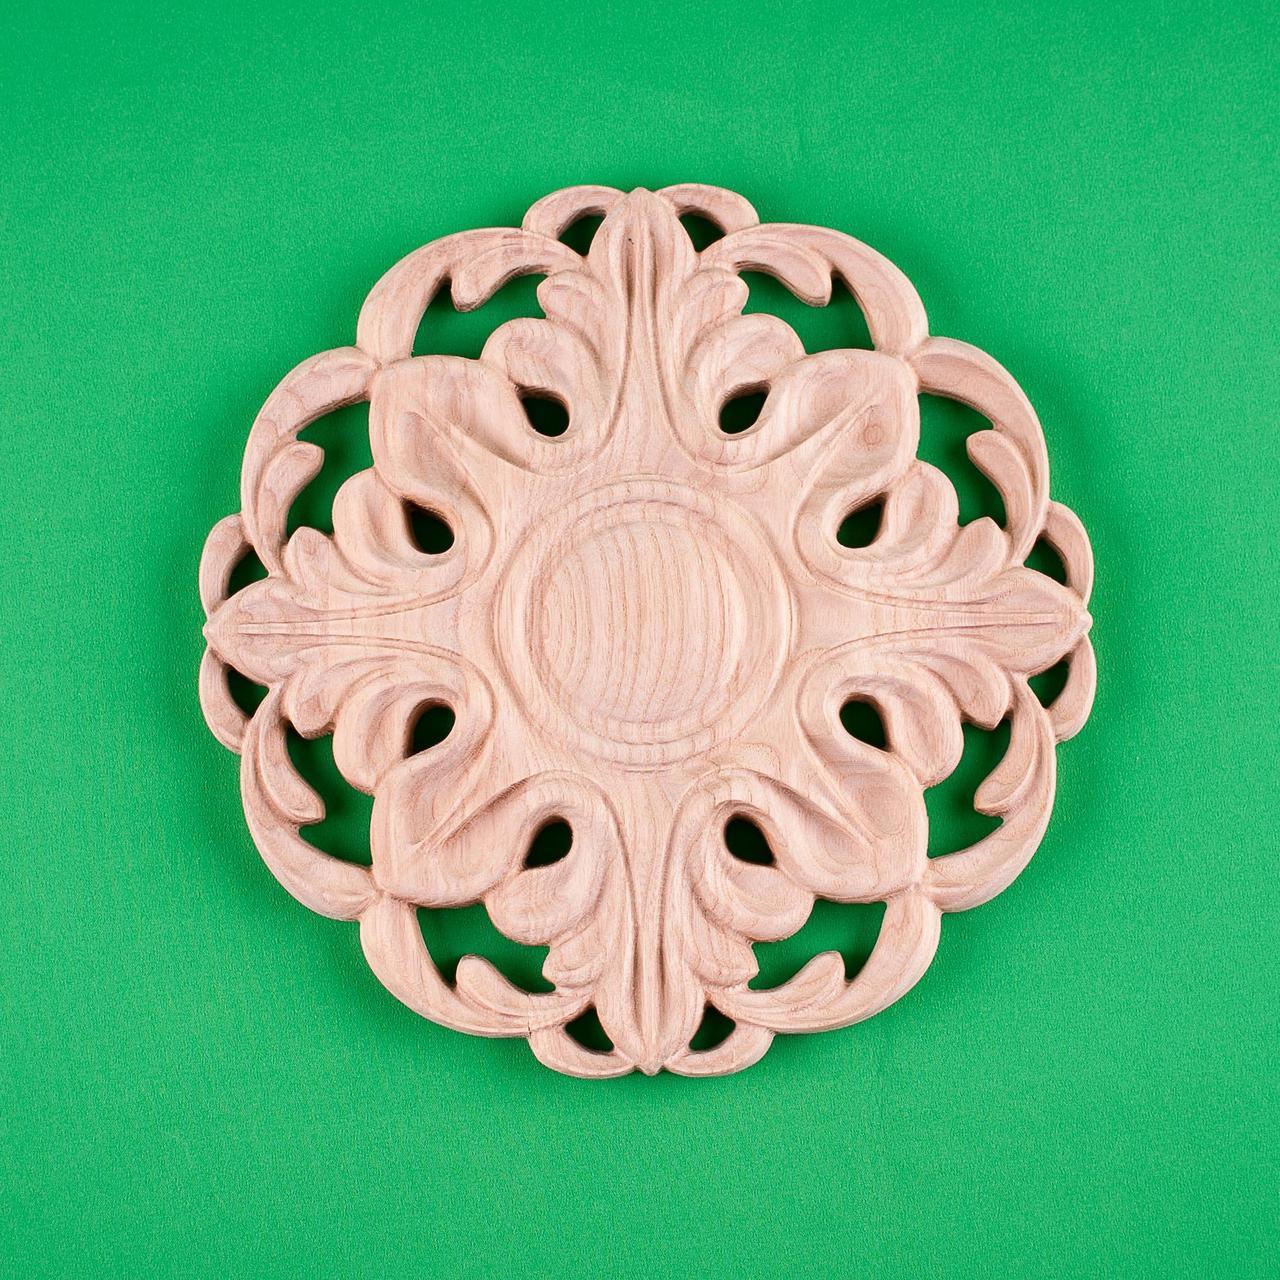 Код ДЦ30. Резной деревянный декор для мебели. Декор центральный